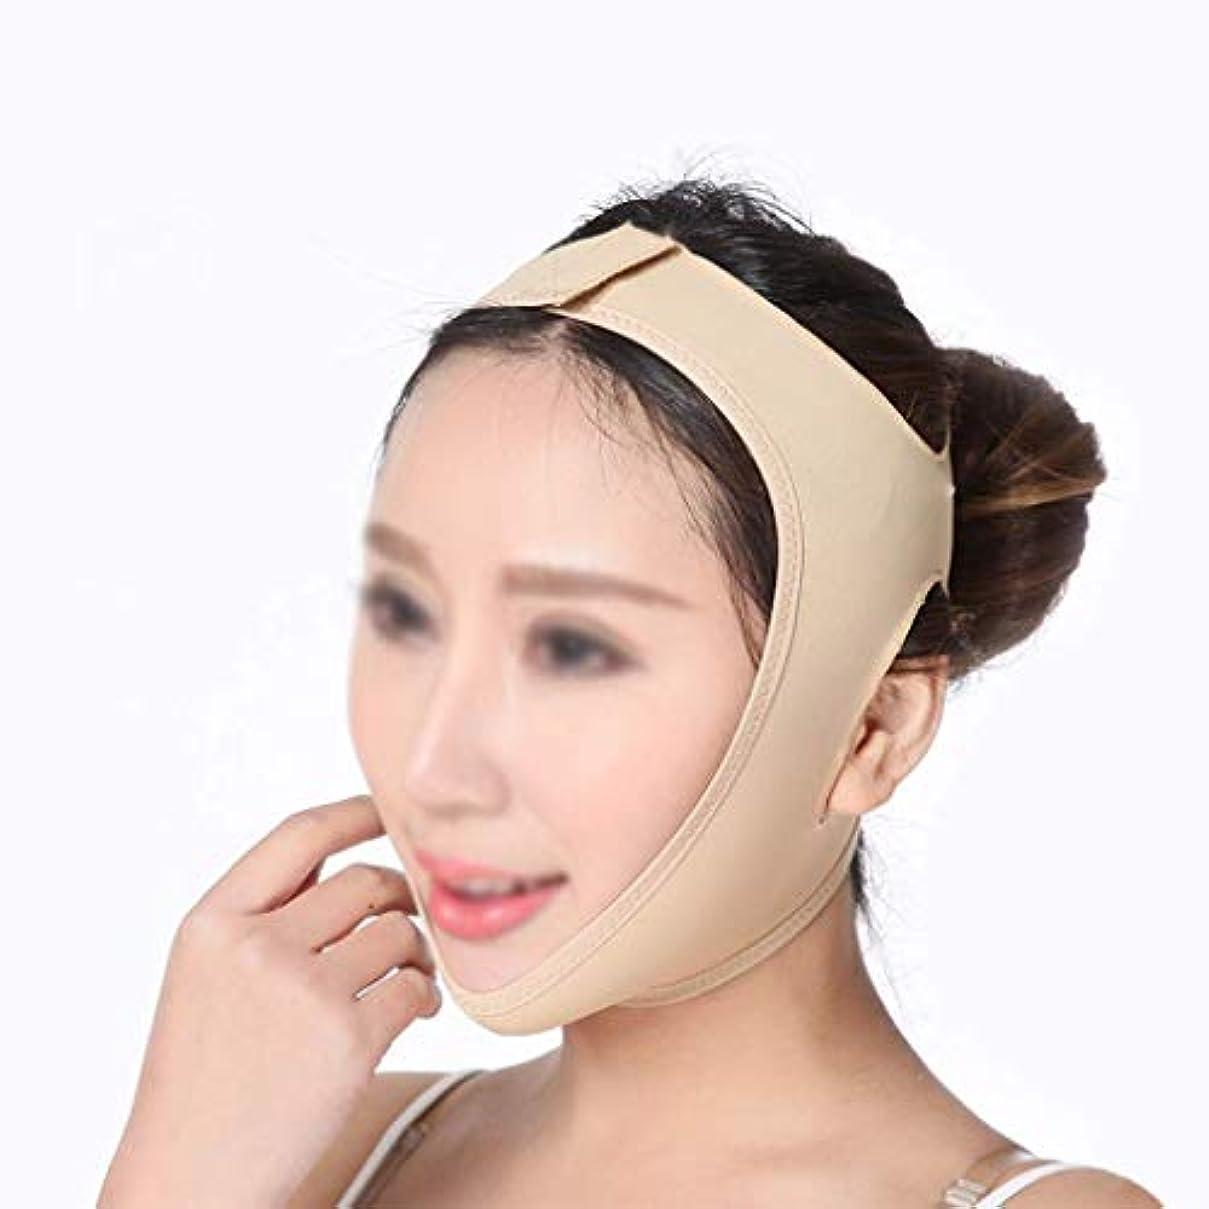 公演文明ブレースフェイシャルチークリフティングマスク、ダブルチンとフェイスを効果的に改善、フェイスリフト包帯、ダブルチンを減らす(サイズ:L),M